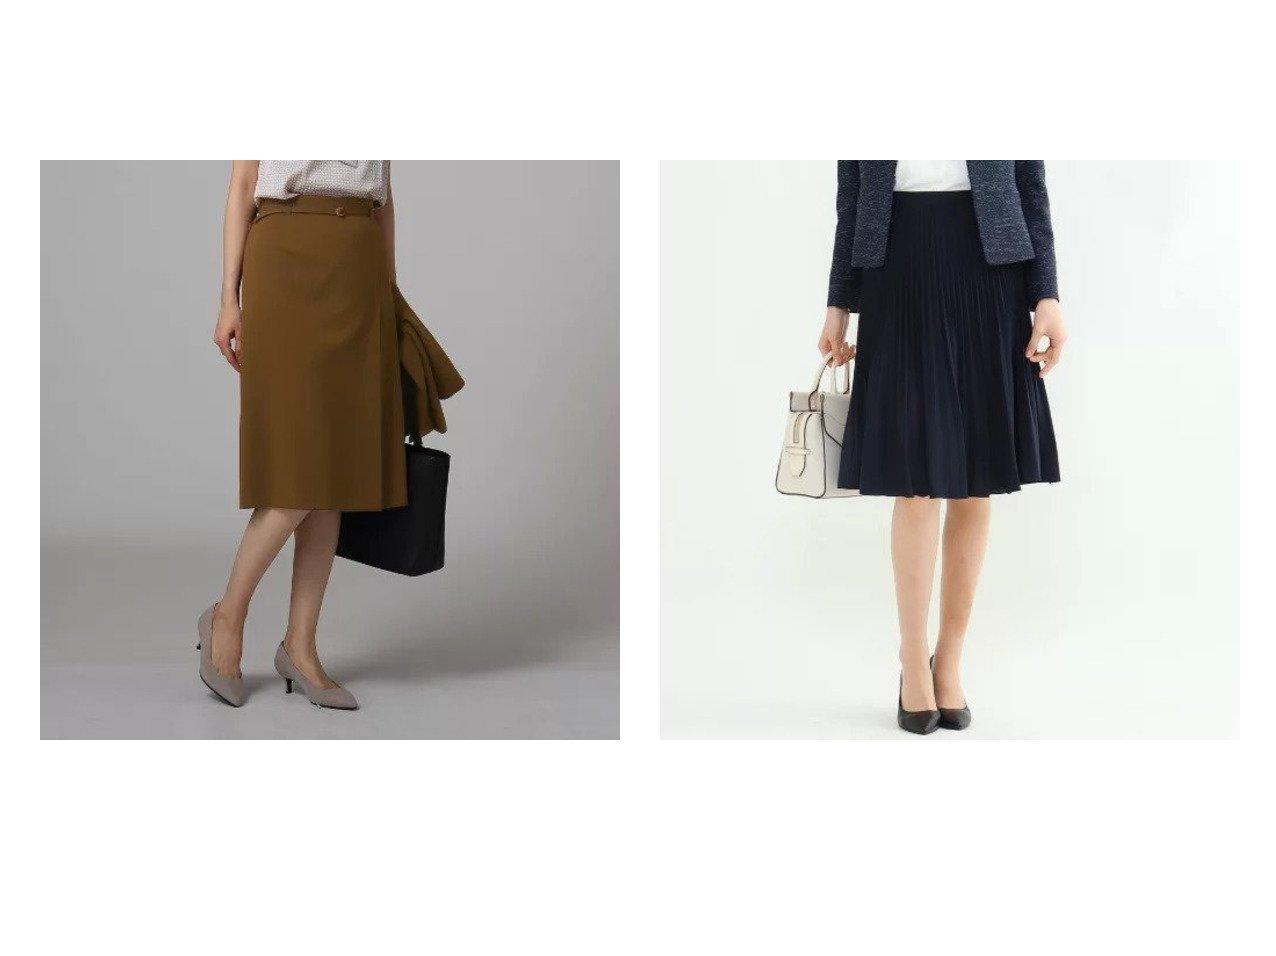 【UNTITLED/アンタイトル】の【洗える】KWTタックストレートスカート&【INDIVI/インディヴィ】のプリーツデシンスカート スカートのおすすめ!人気トレンド・レディースファッションの通販 おすすめで人気のファッション通販商品 インテリア・家具・キッズファッション・メンズファッション・レディースファッション・服の通販 founy(ファニー) https://founy.com/ ファッション Fashion レディース WOMEN スカート Skirt シンプル スタイリッシュ スリット ベーシック ポケット ミモレ エアリー ドレープ プリーツ |ID:crp329100000007269